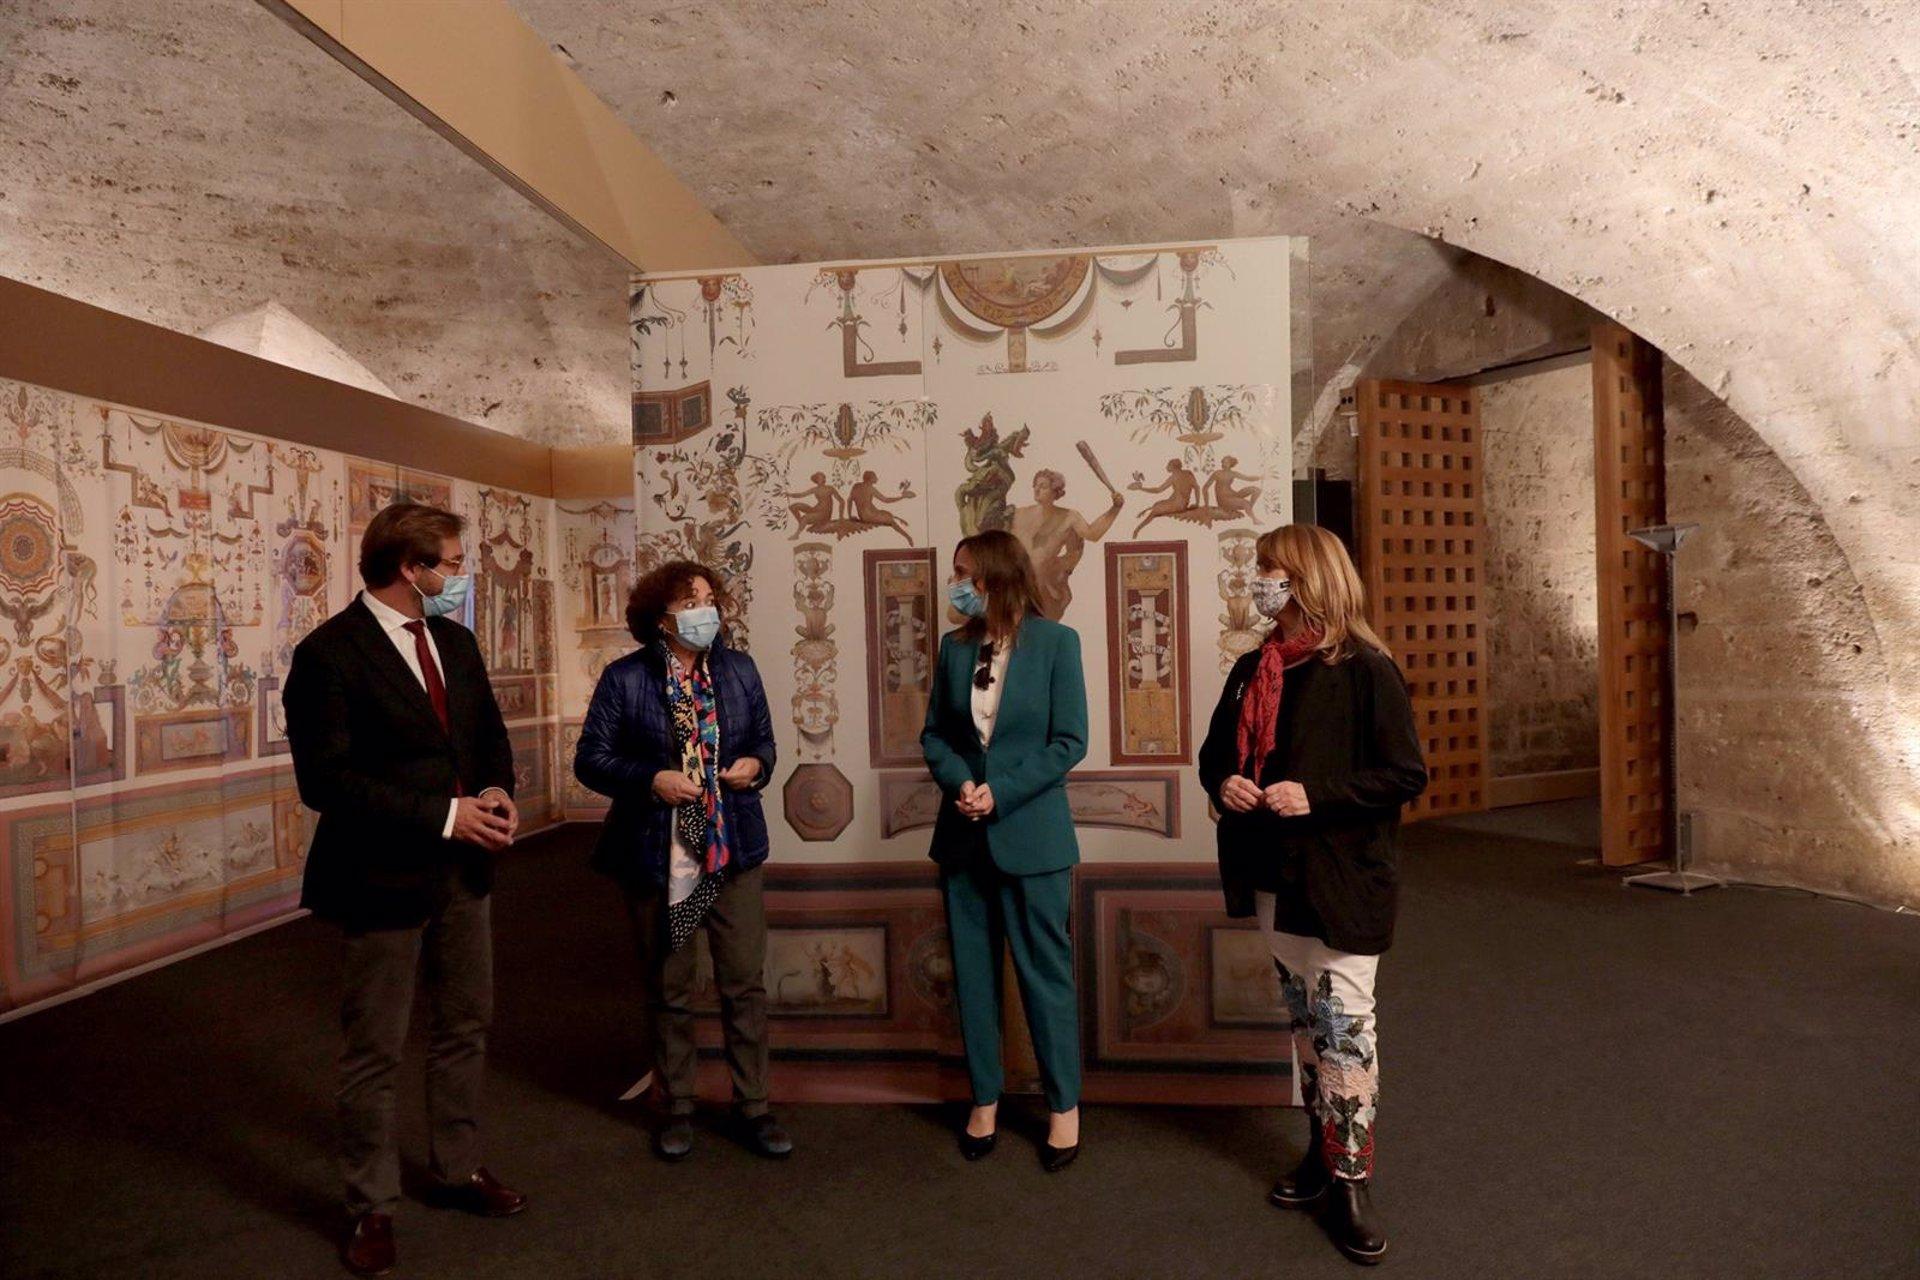 Una exposición profundiza en las pinturas murales de las Habitaciones del Emperador de la Alhambra